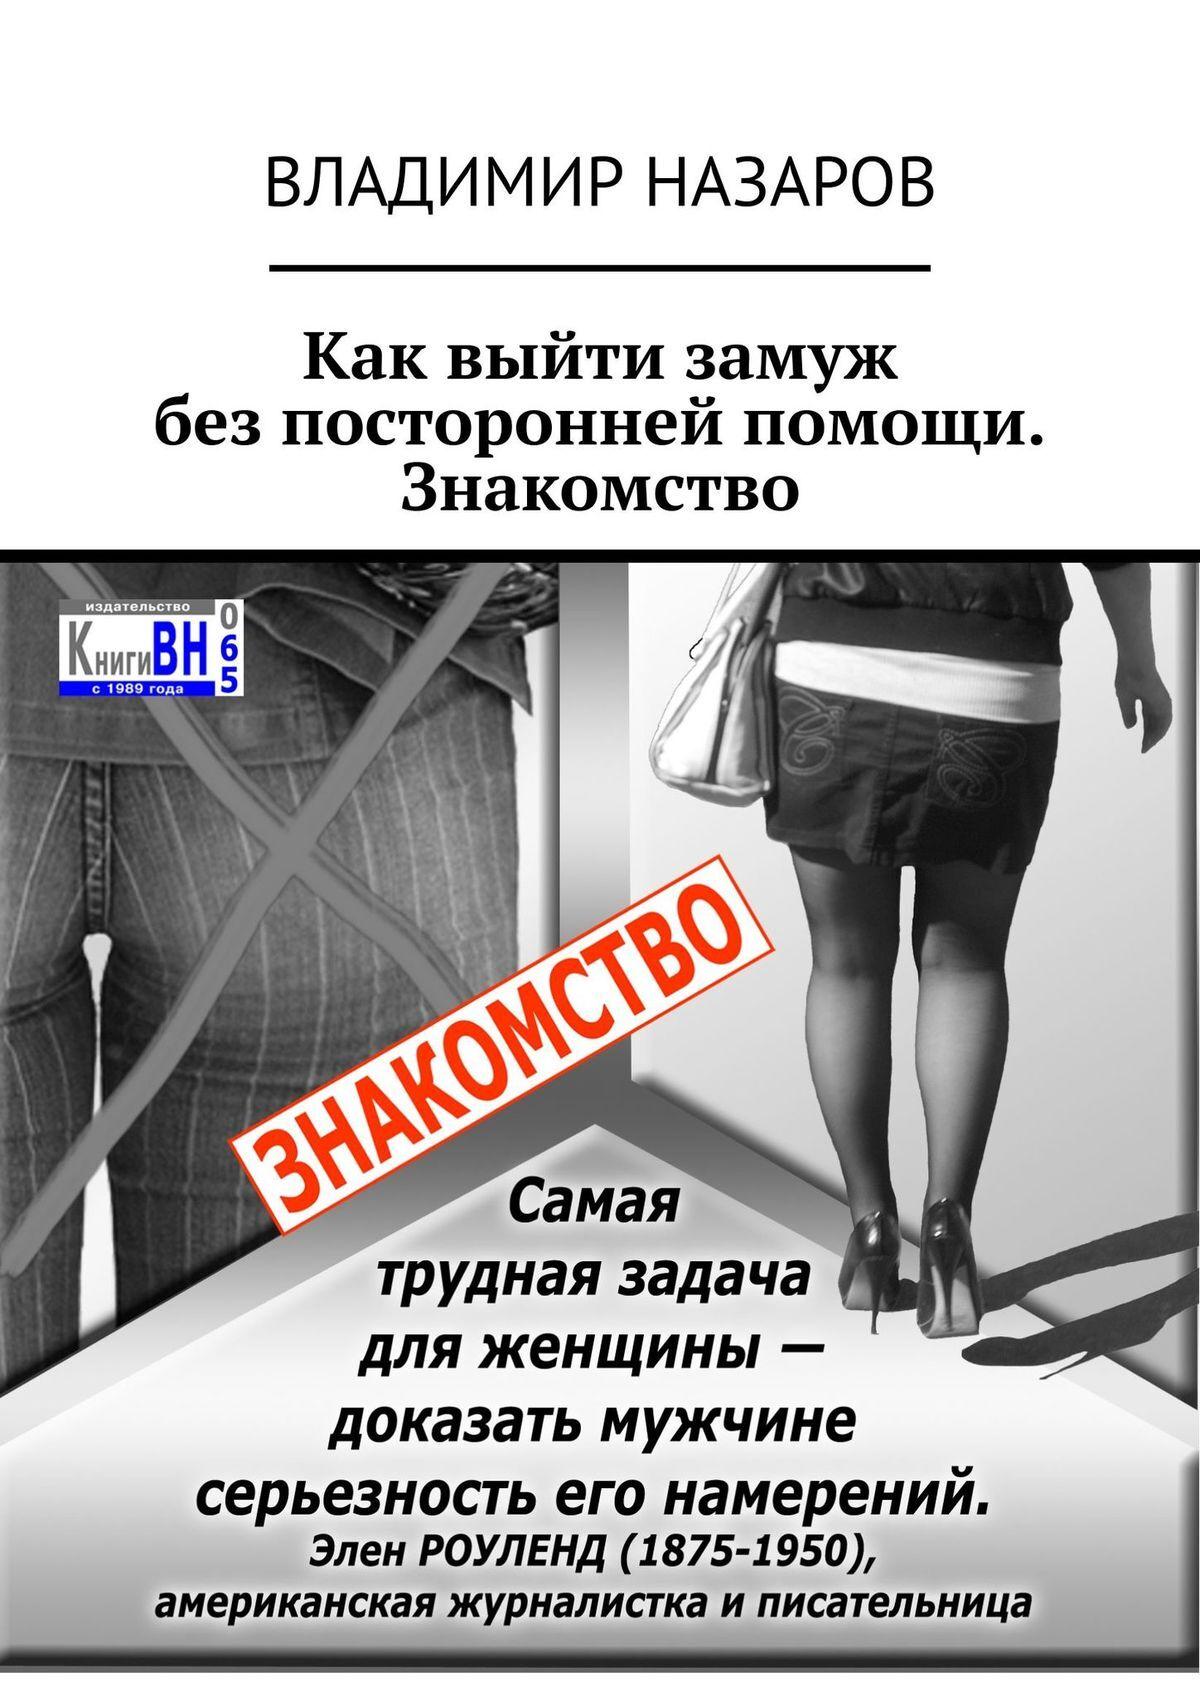 Владимир Назаров Как выйти замуж без посторонней помощи. Знакомство